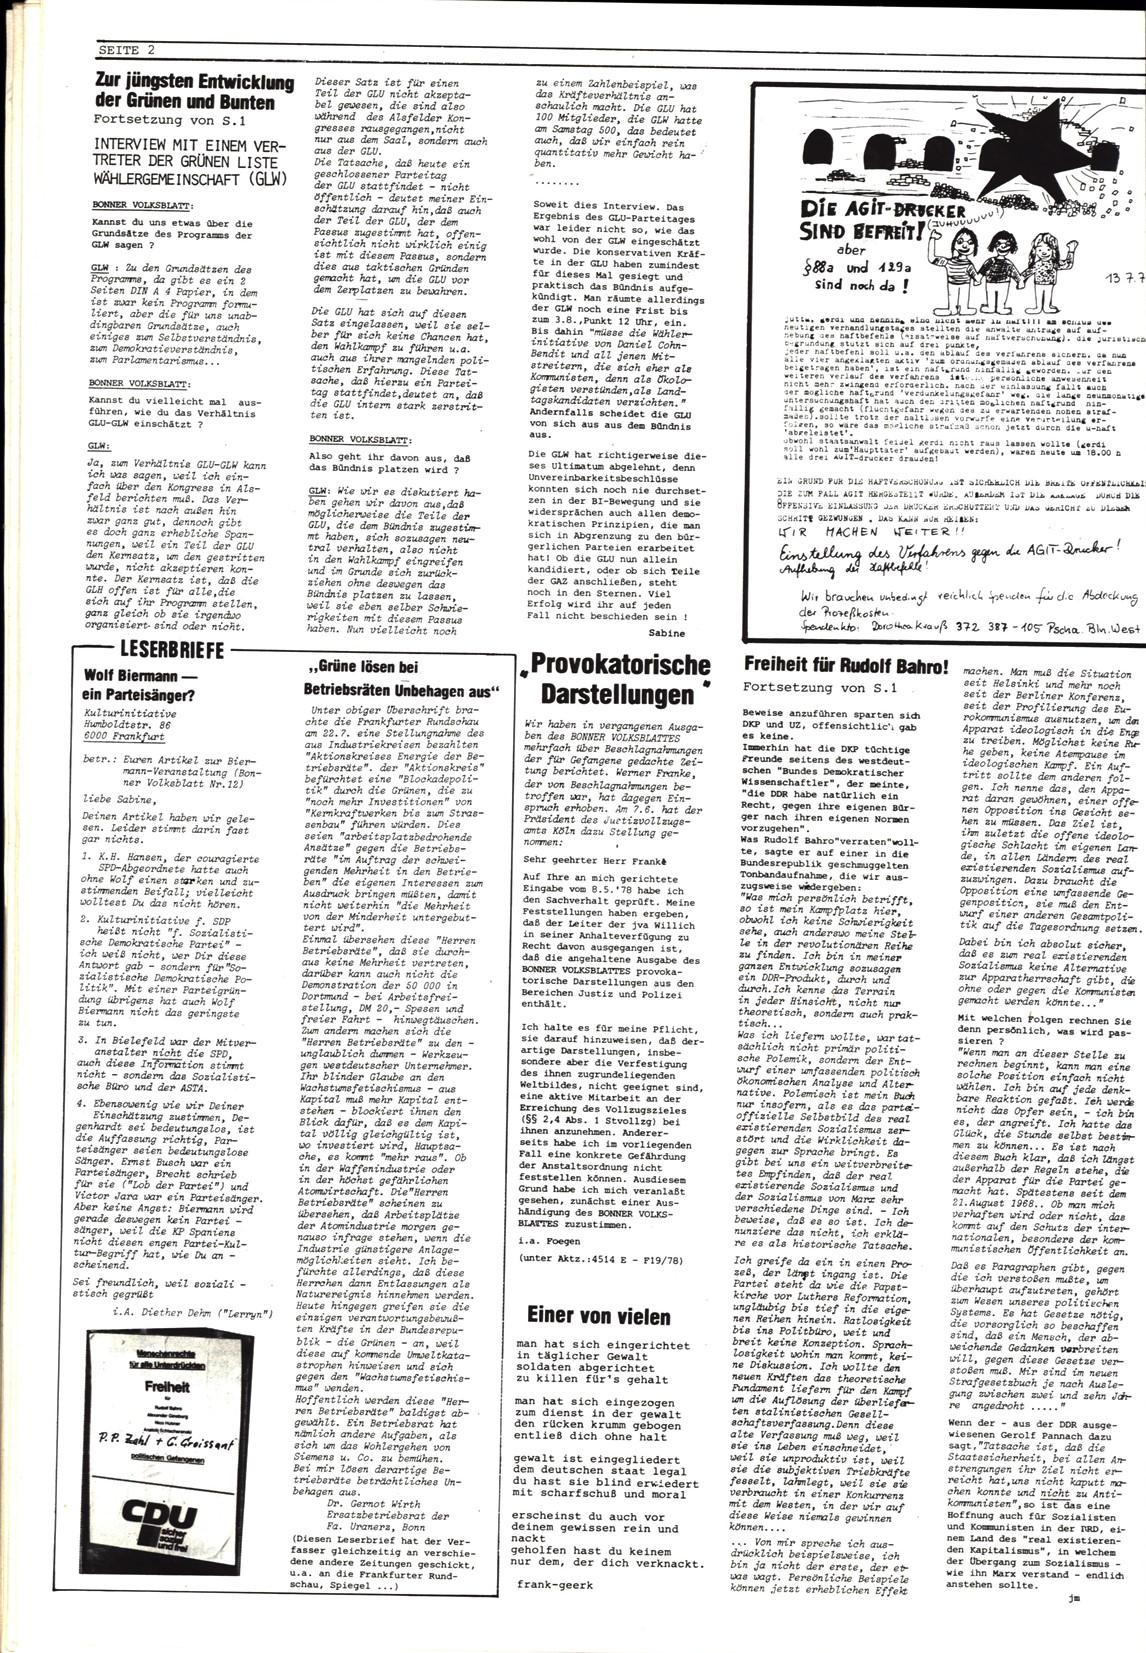 Bonner_Volksblatt_15_19780802_02